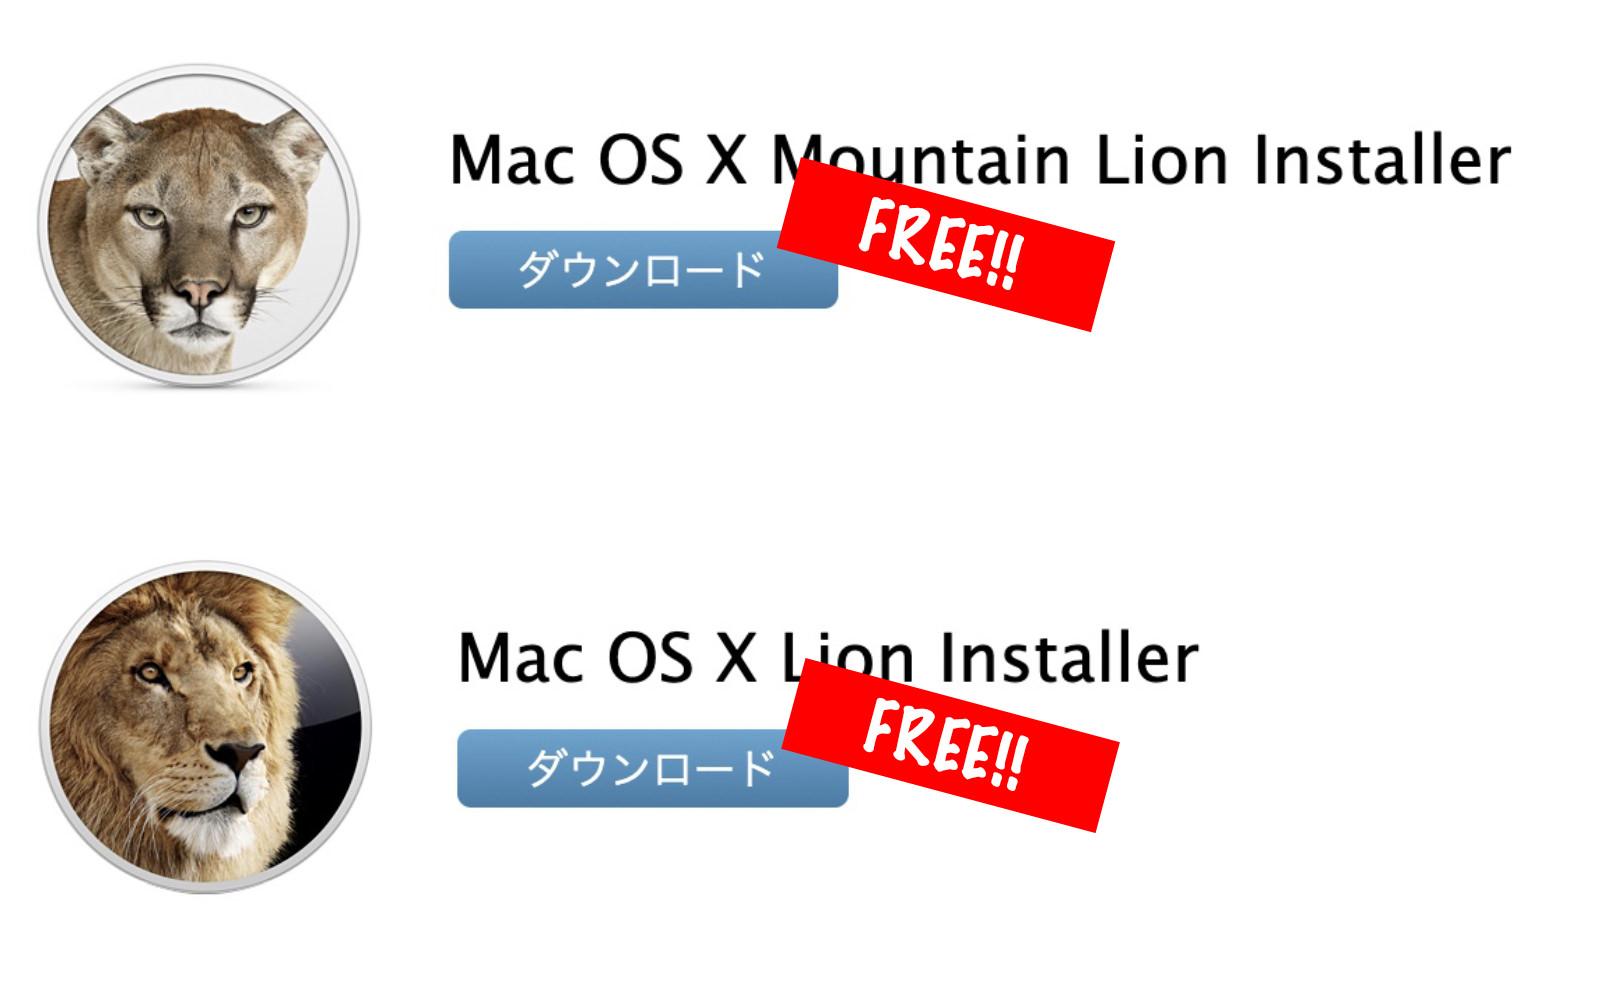 Osxlion and mountainlion free